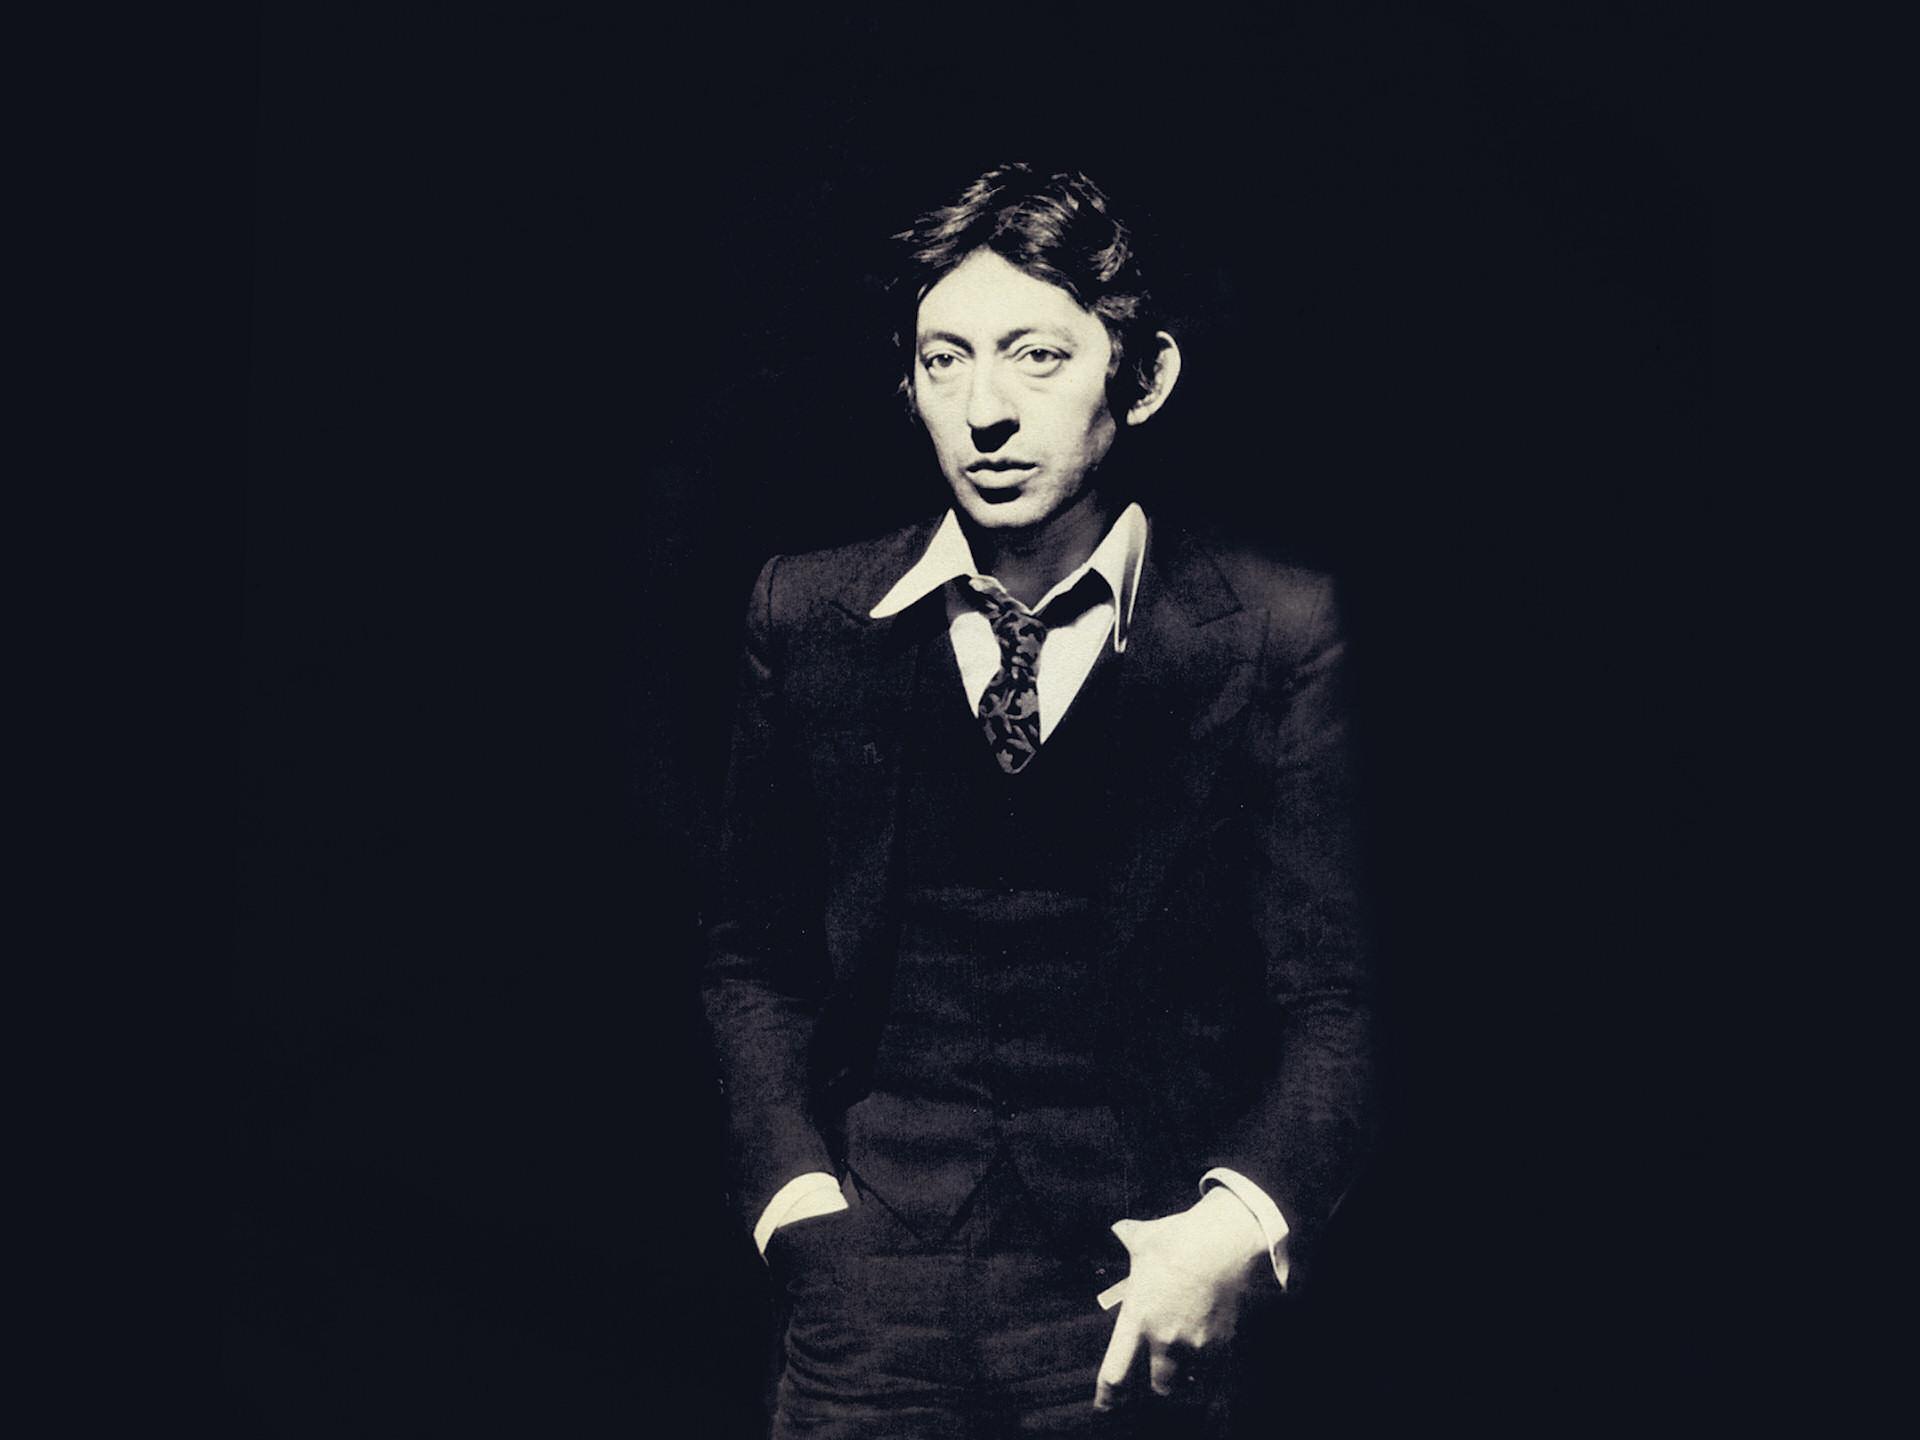 Serge_Gainsbourg_03_1920x1440.jpg